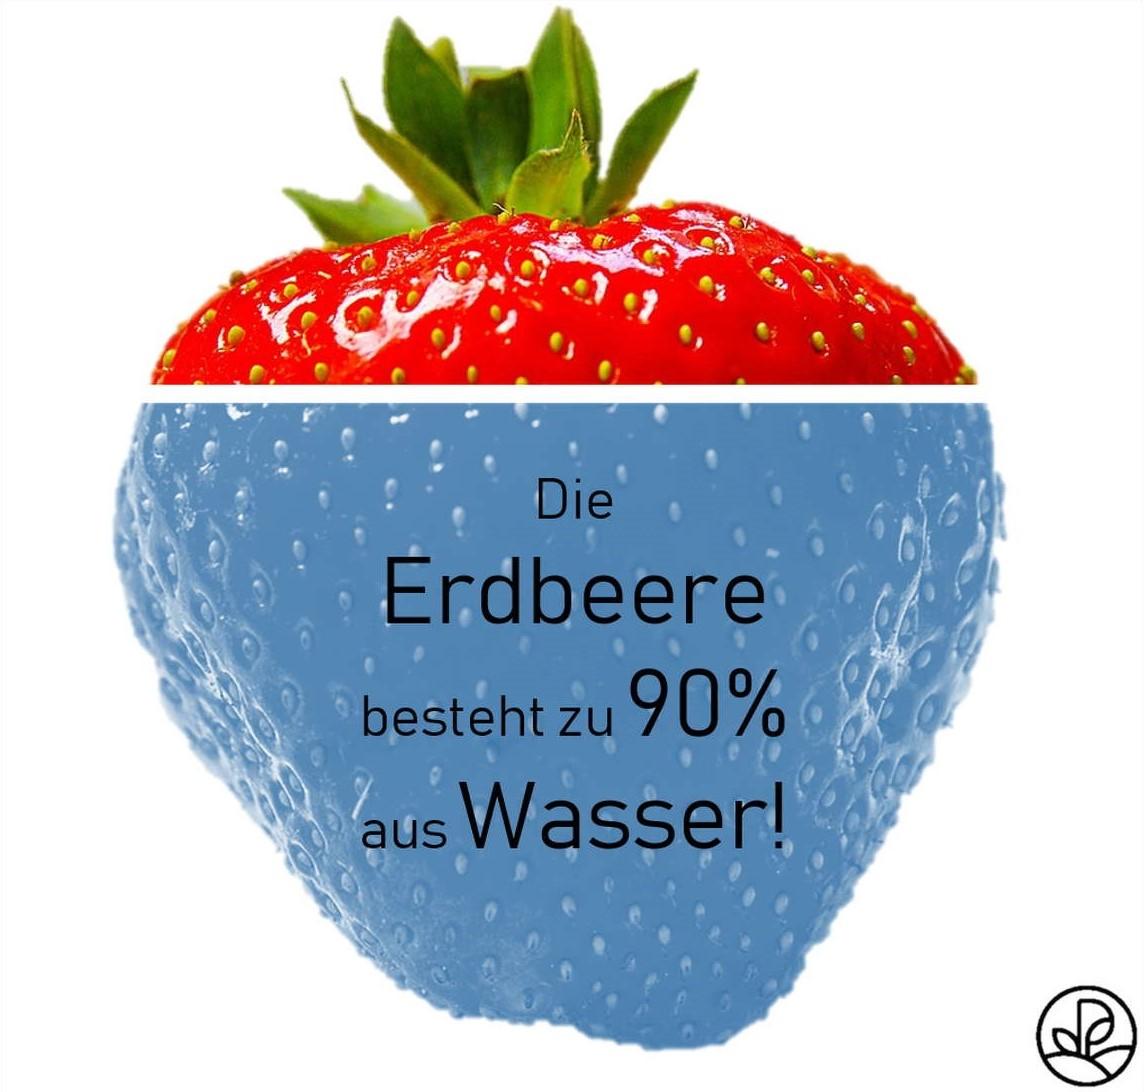 Wassergehalt Erdbeere